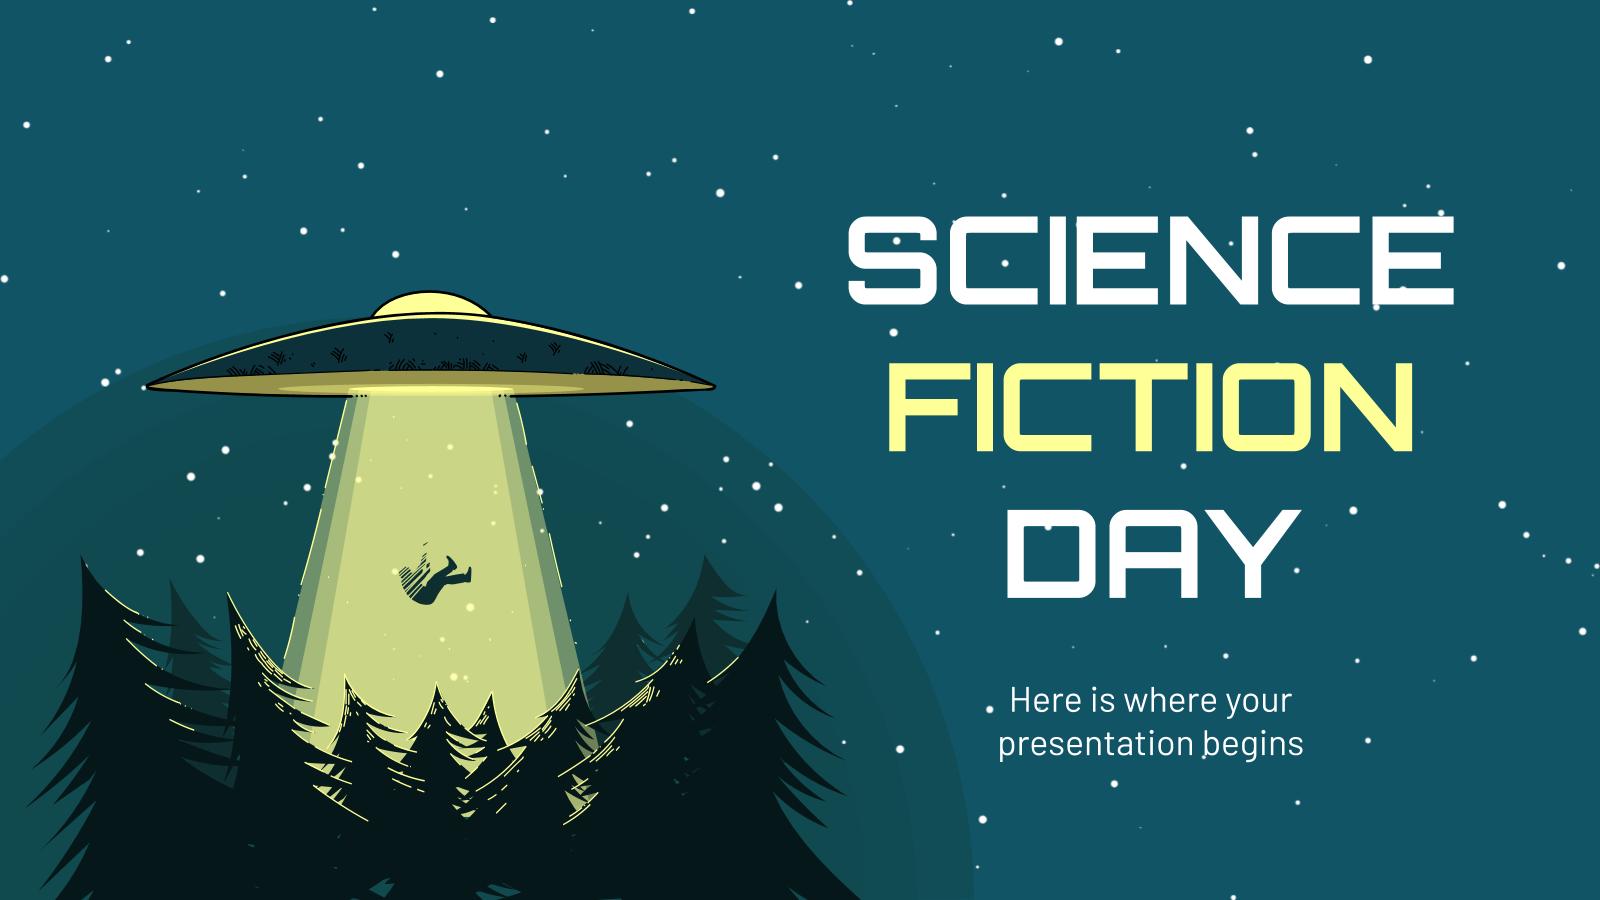 Plantilla de presentación Día de la Ciencia Ficción